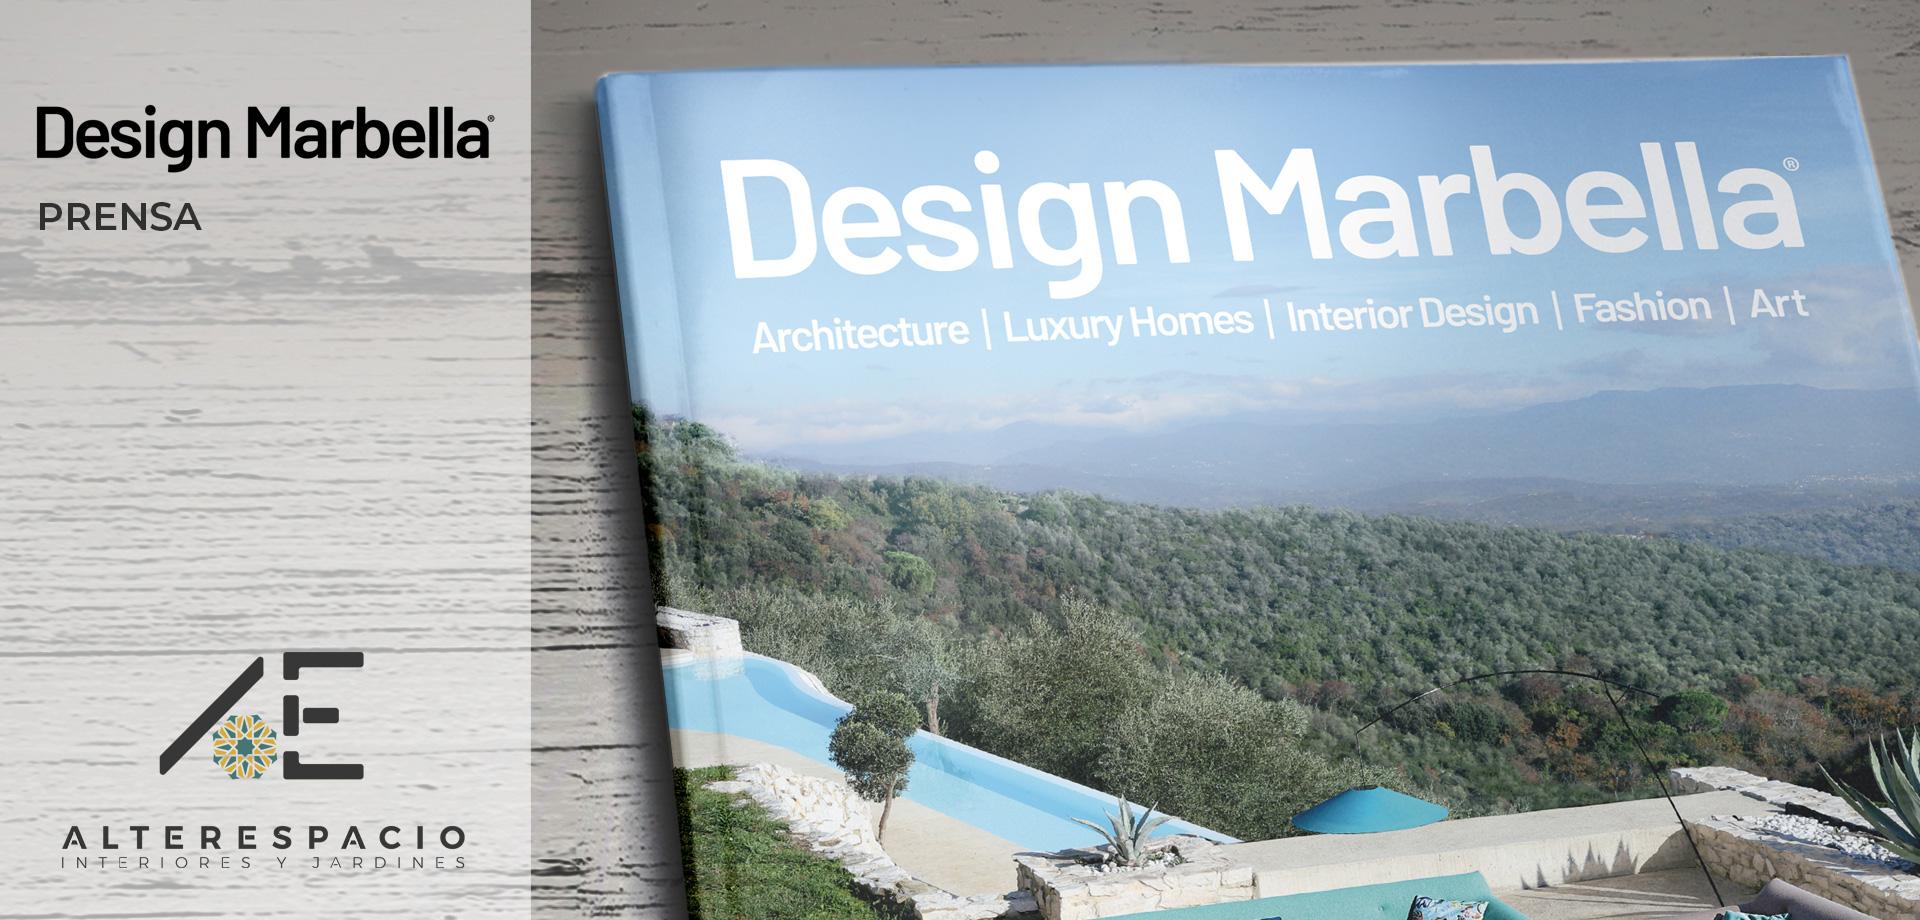 05_Prensa_Design-Marbella_Alterespacio_decoración-de-jardines-terrazas_paisajismo-Madrid